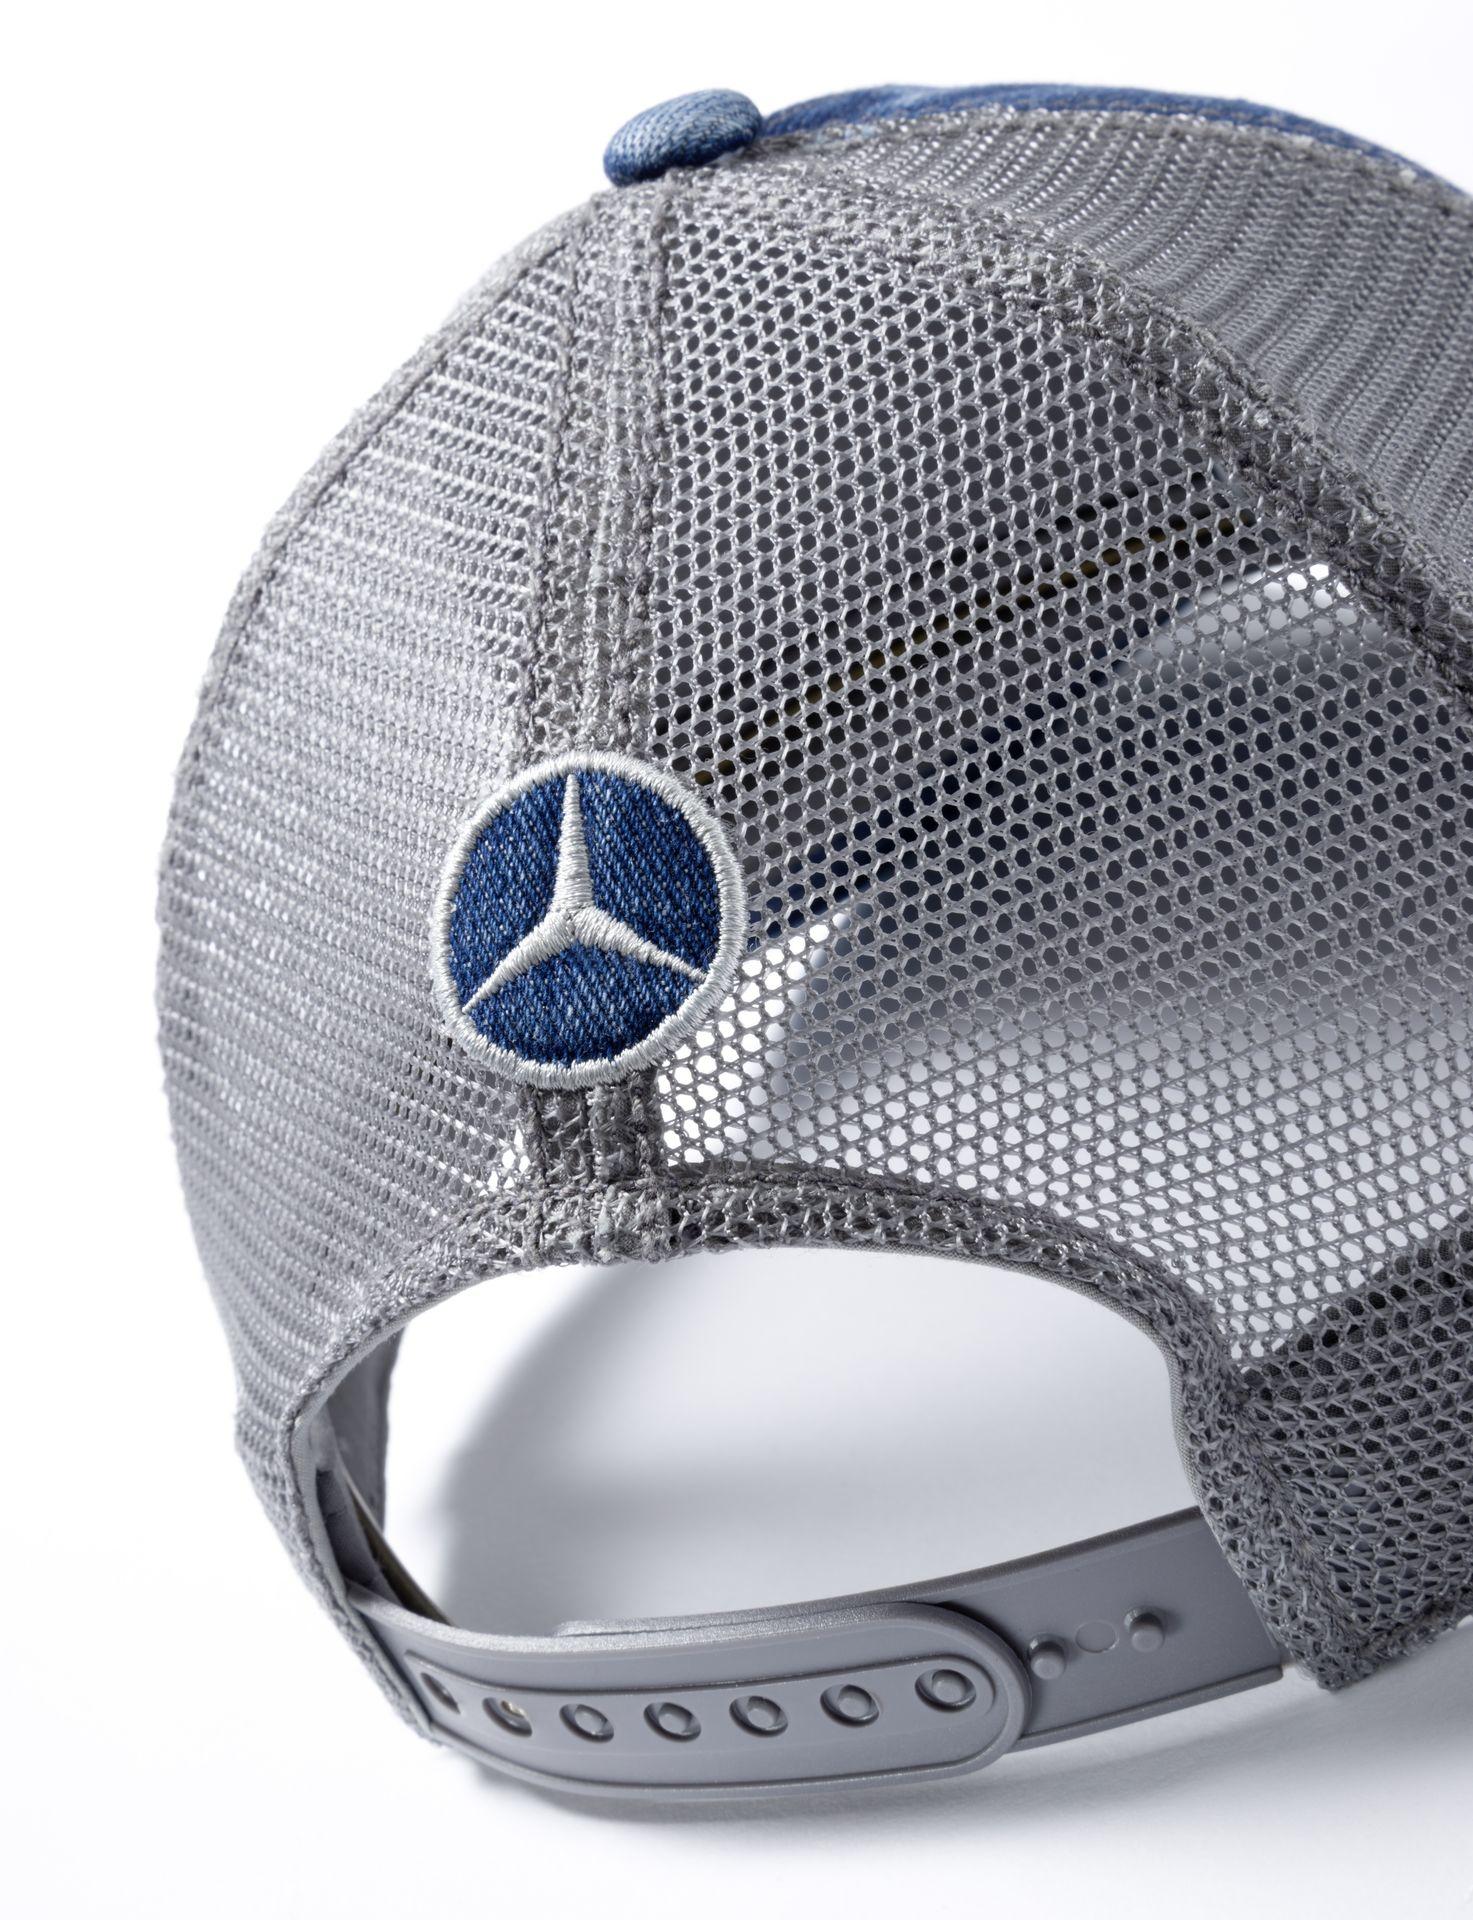 Мужская бейсболка Mercedes Trucker Disctrict Men's Cap, Jeans Blue